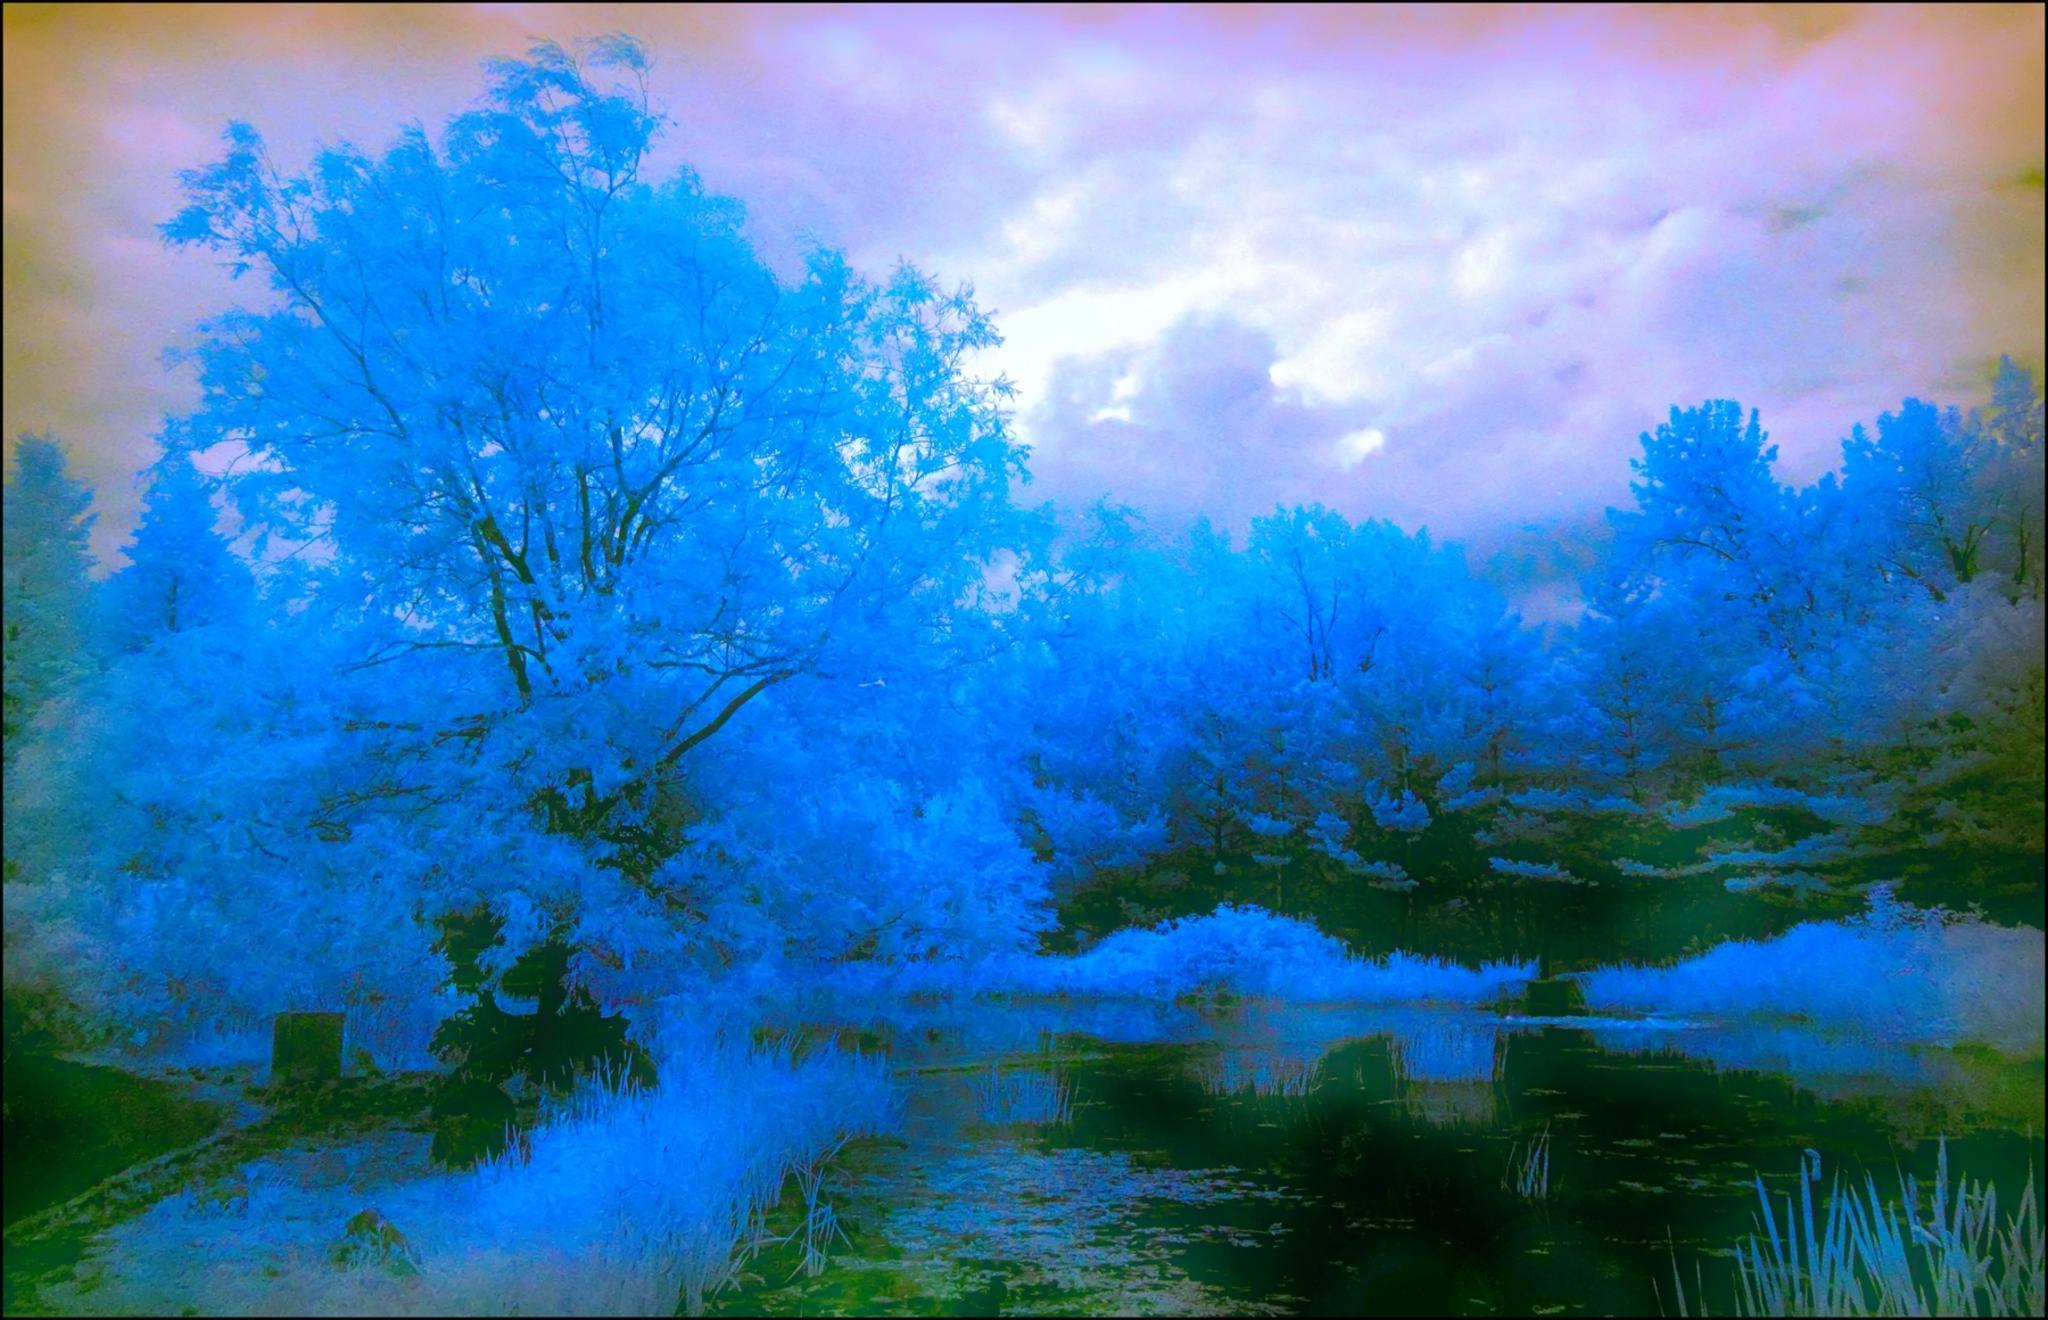 Electric blue by Fernand Larochelle